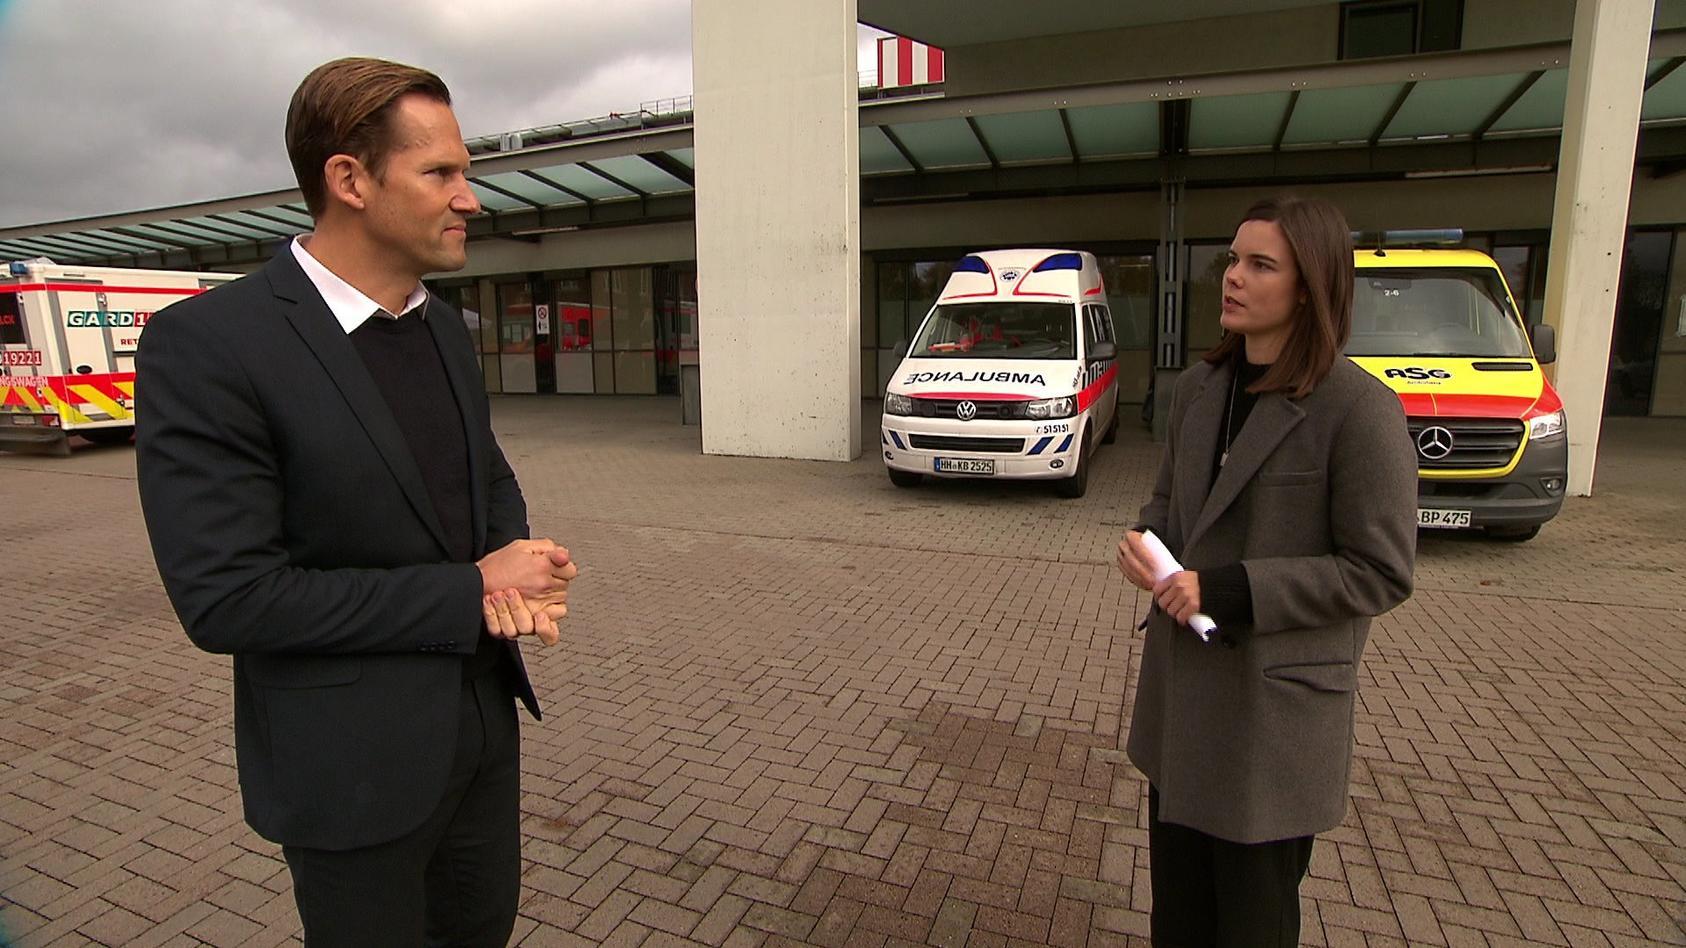 Prof. Herborn vom Asklepios-Klinikum Hamburg und RTL-Reporterin Linda Mürtz im Gespräch